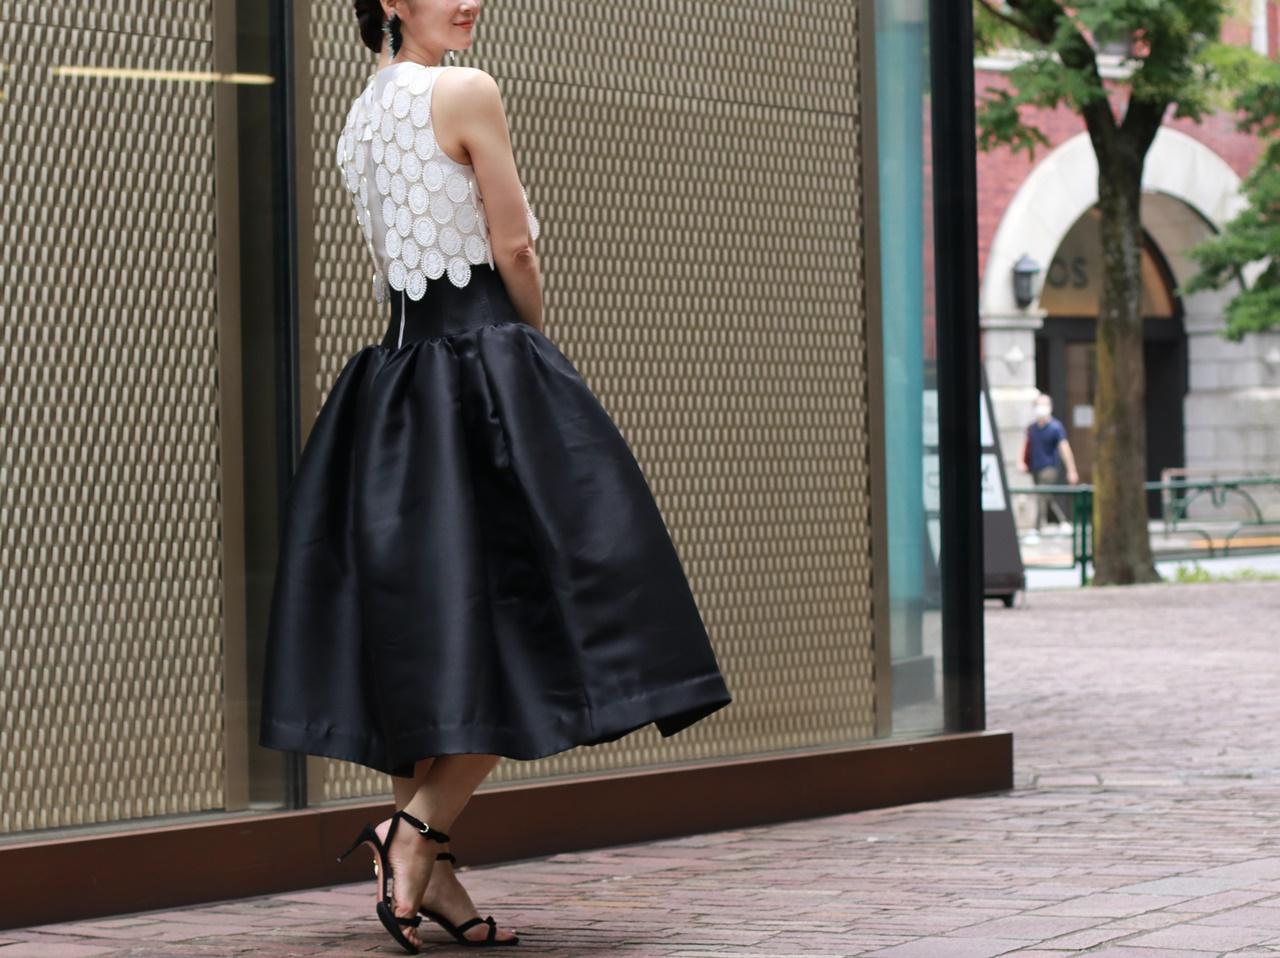 骨格ナチュラルの方におすすめのレンタルドレスはKhon Hooi(クーン・フーイ)の白いボレロが付いたフィット&フレアの白と黒のバイカラーのドレス